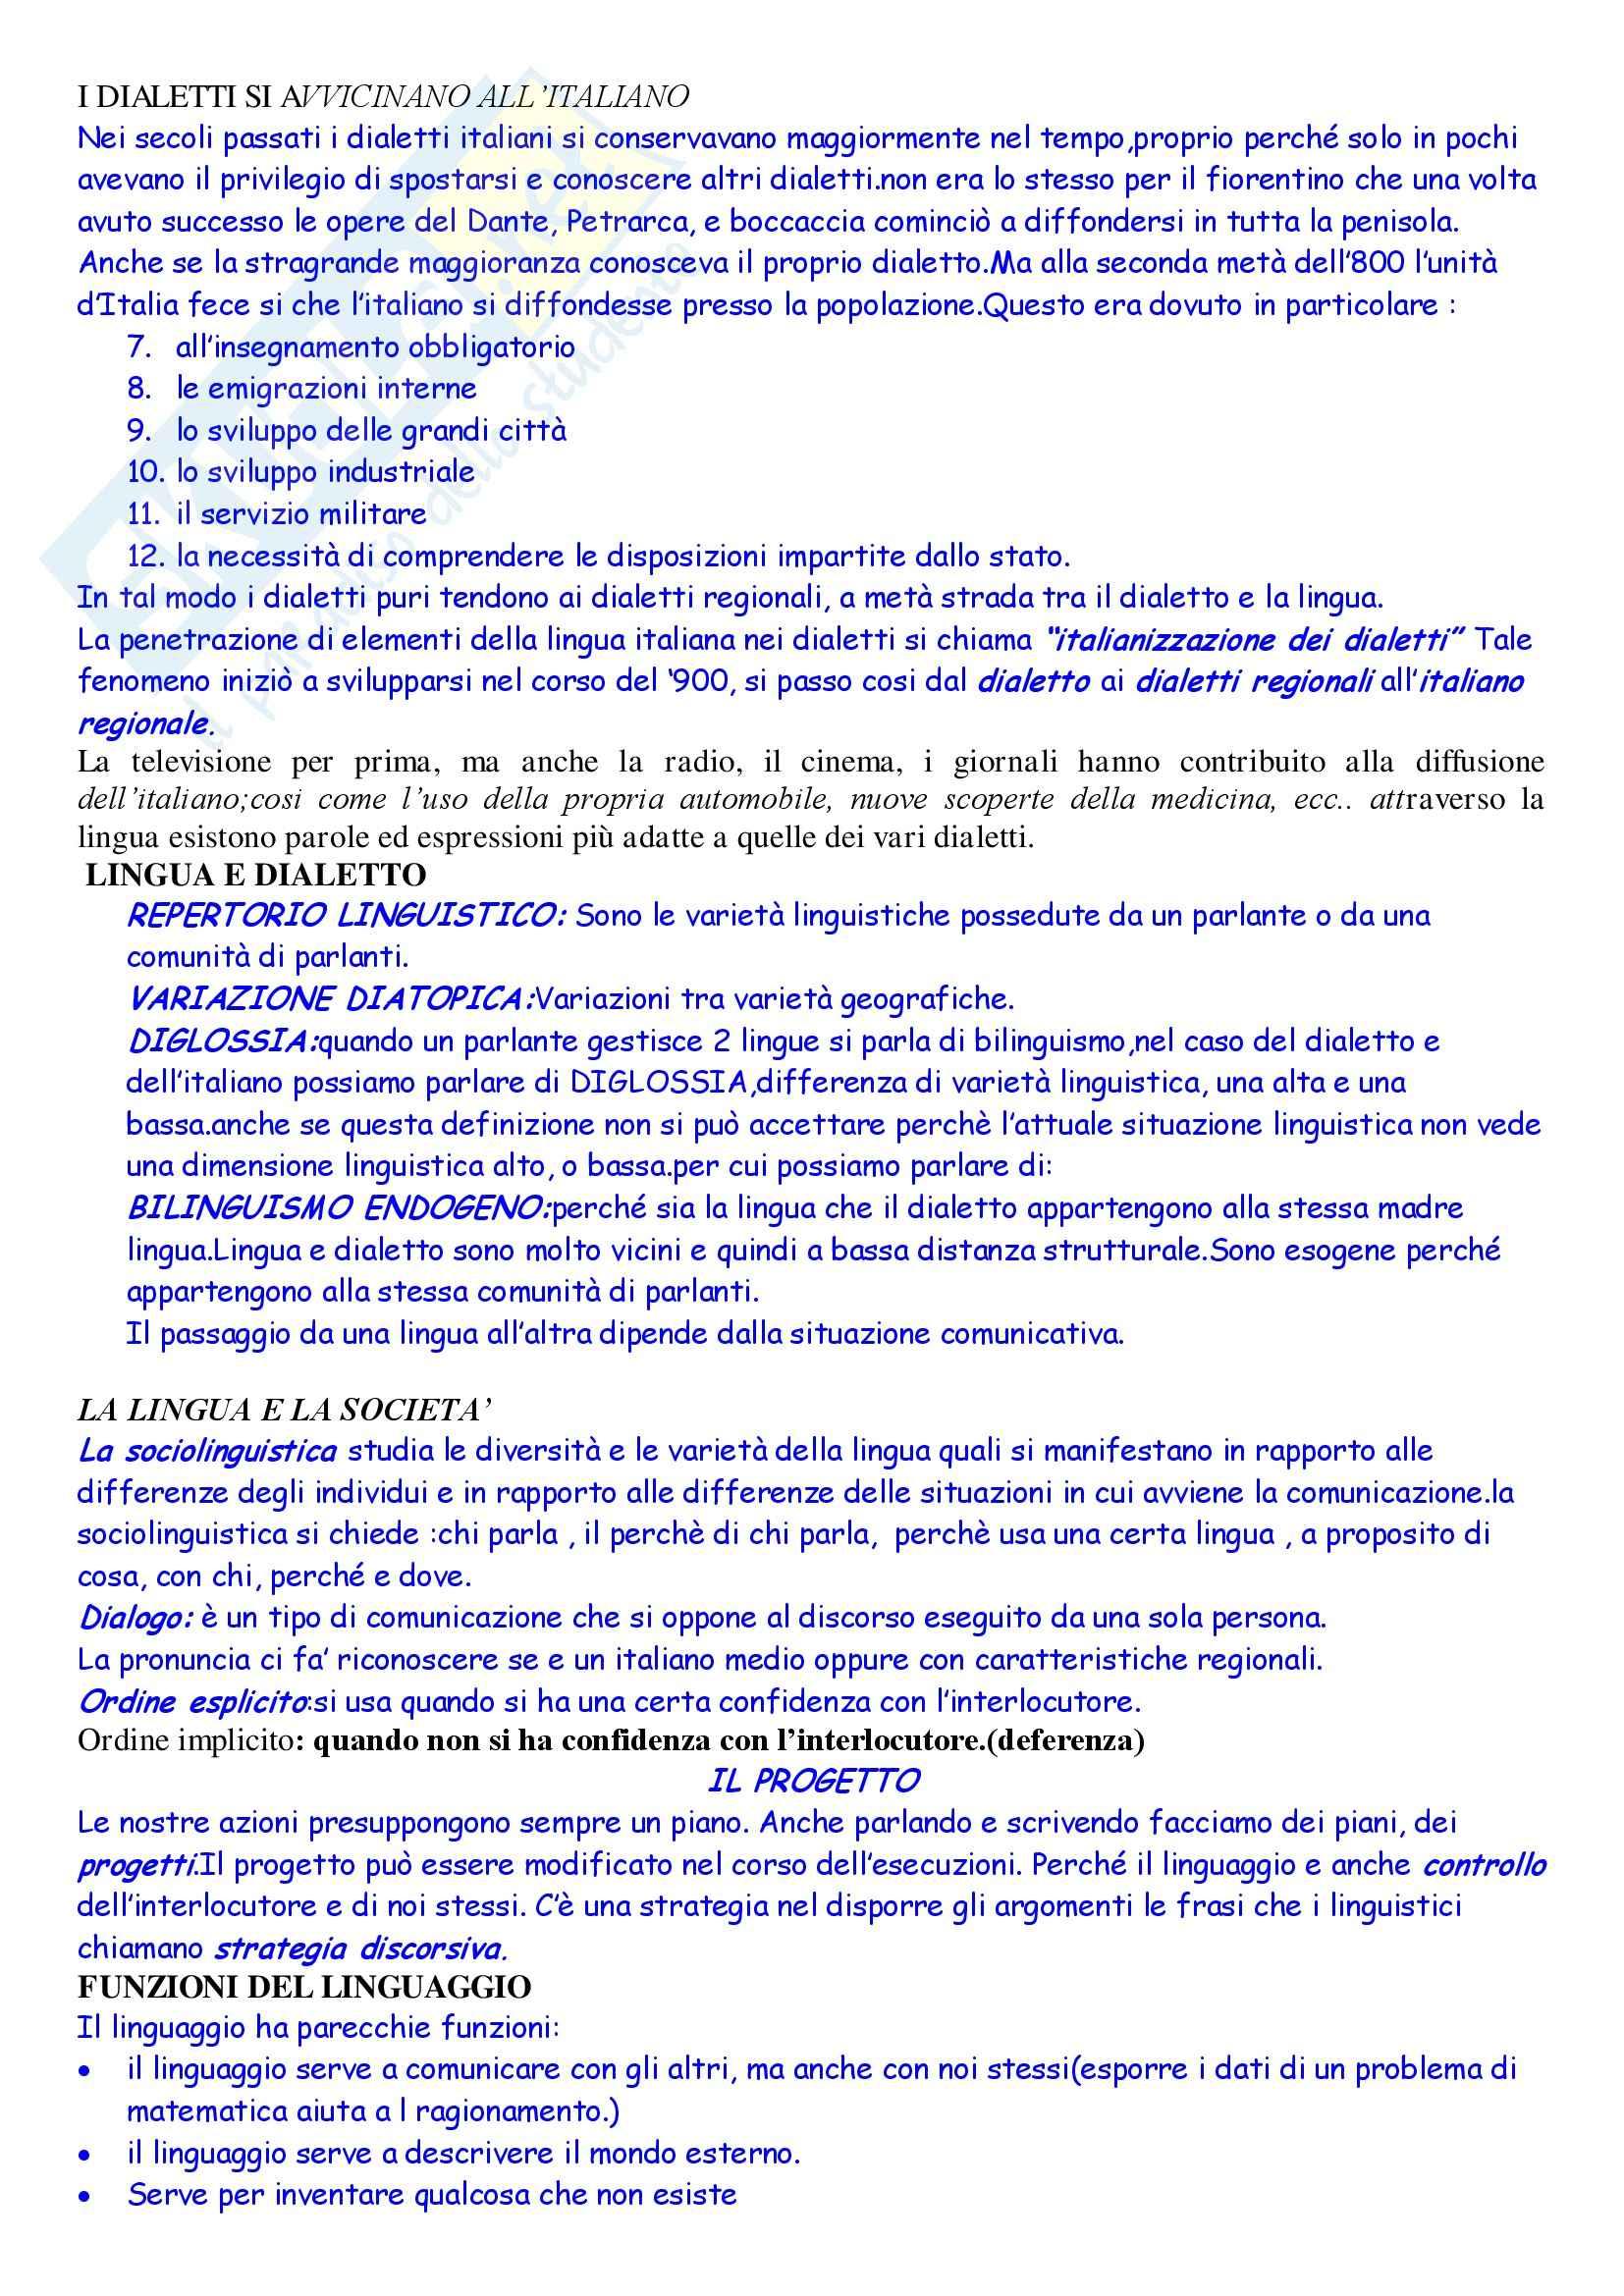 Linguistica italiana - nozioni generali Pag. 26